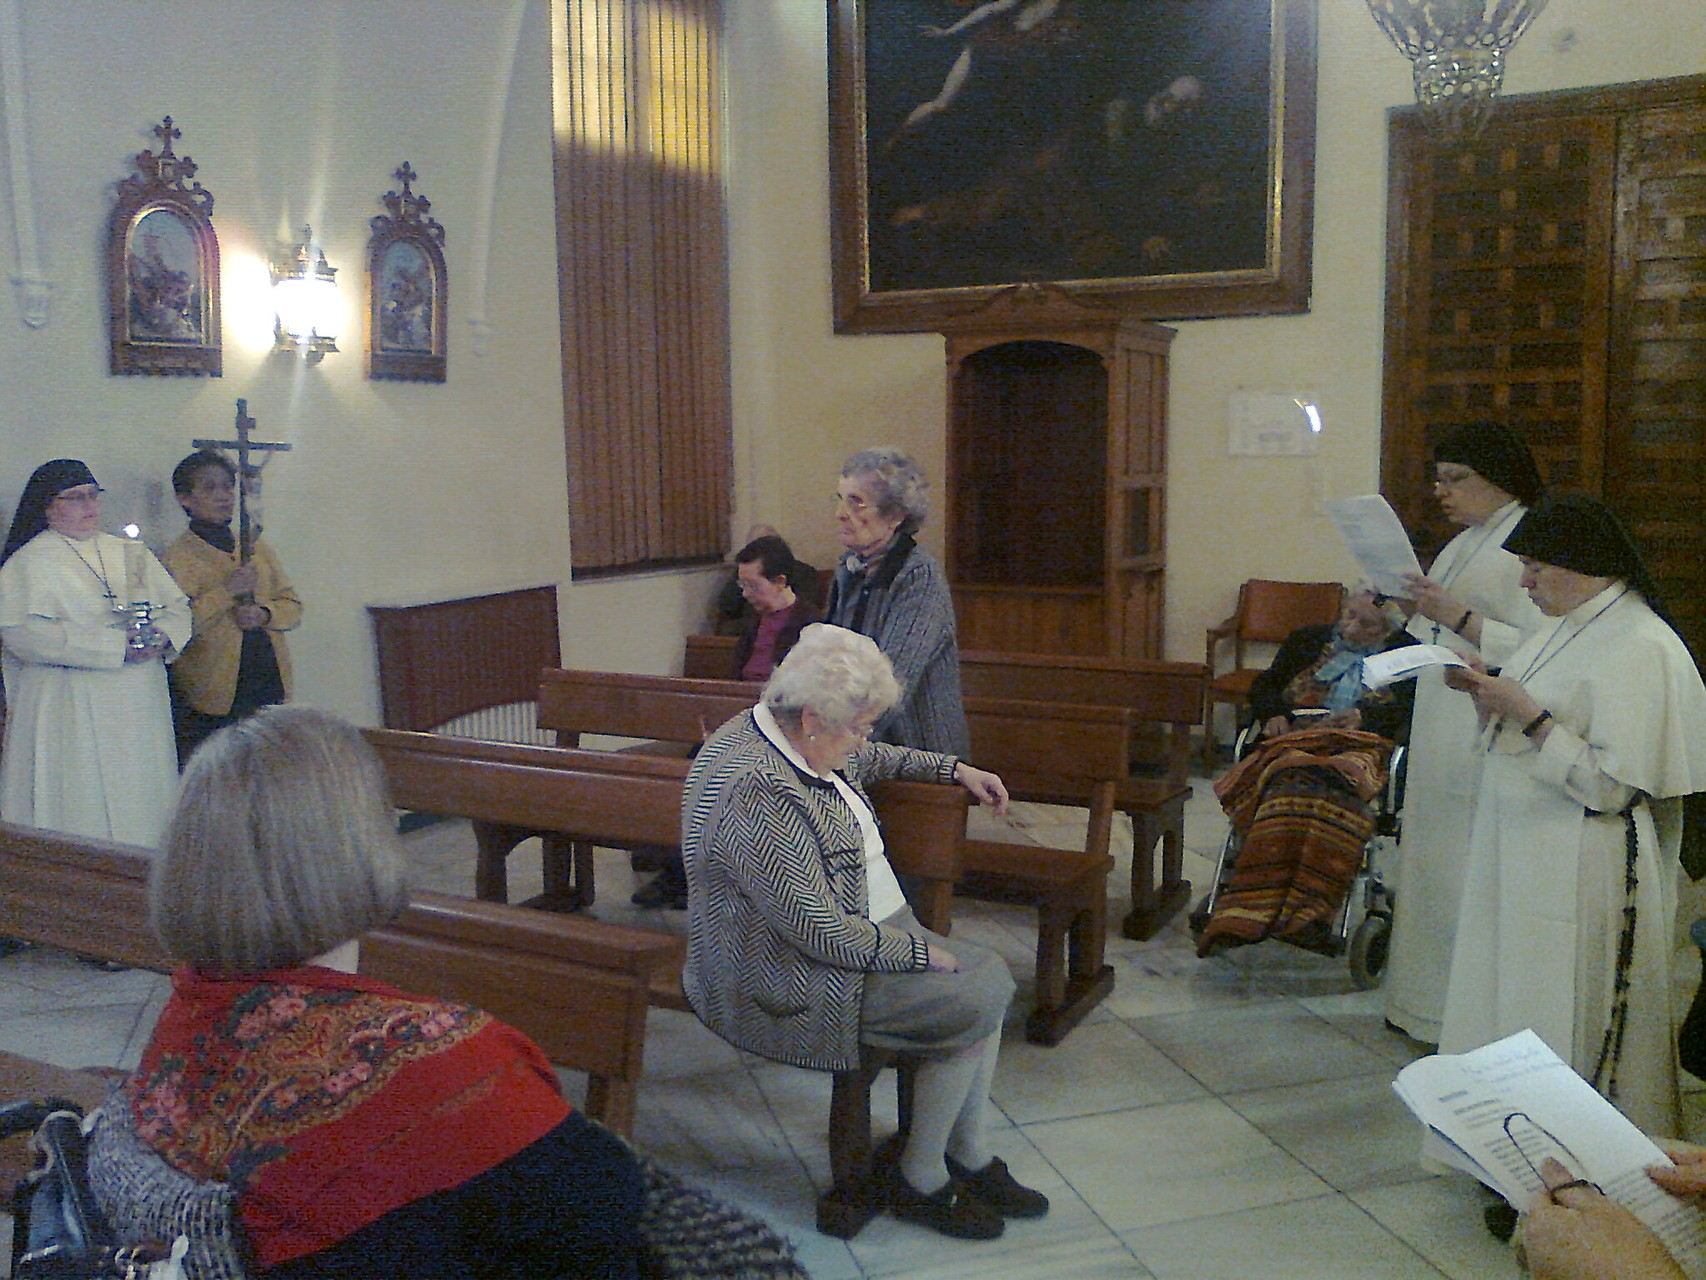 Orando en la capilla el camino del Vía Crucis